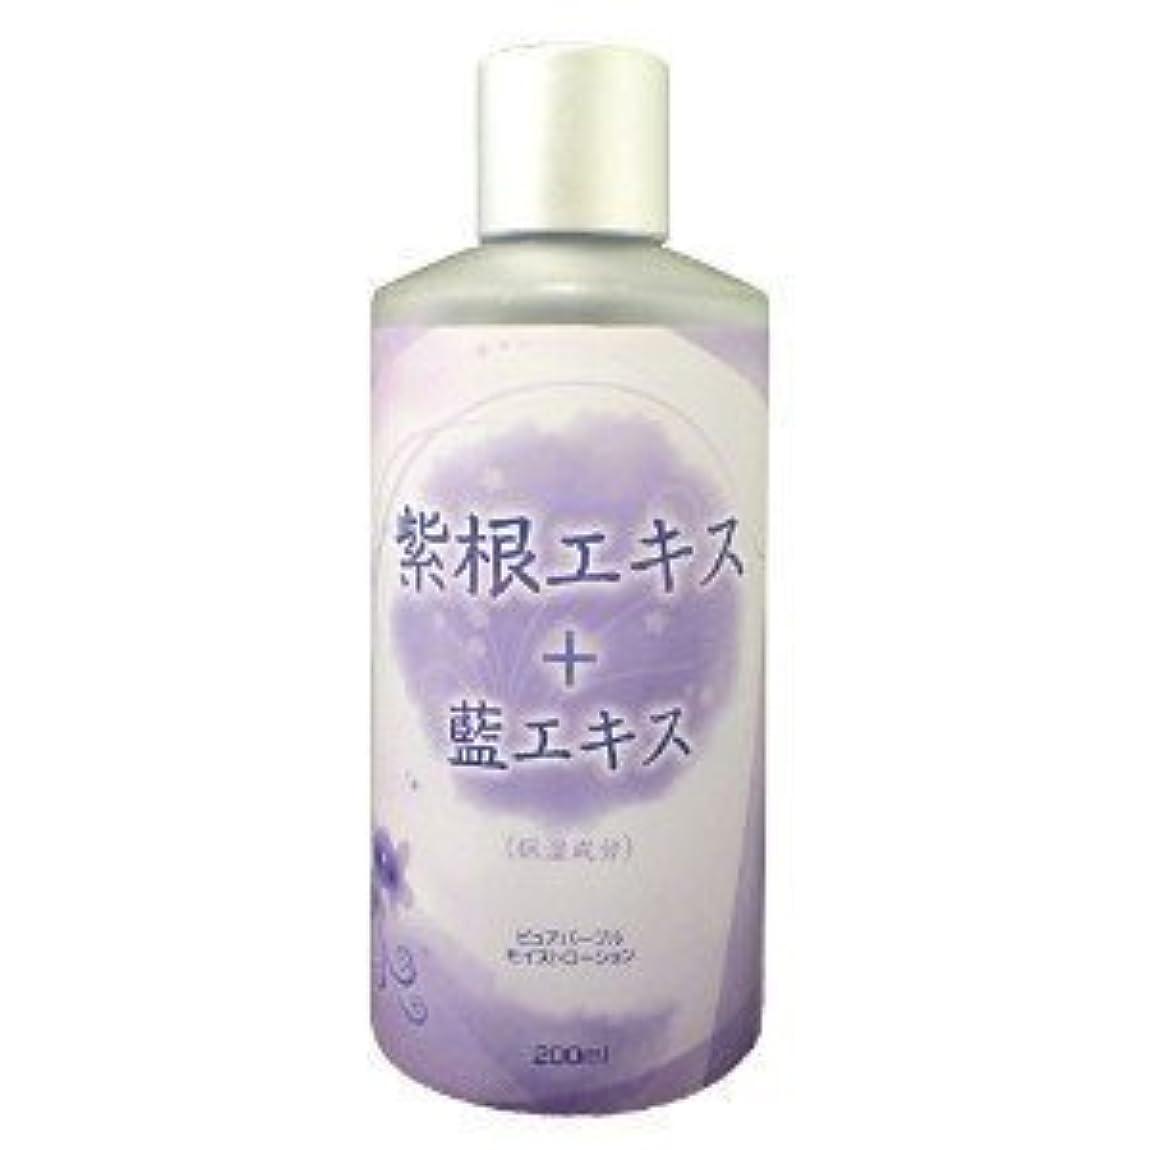 鎮痛剤露出度の高い圧倒する3本セット ピュアパープルモイストローション シコン ( 紫根 ) 化粧水 藍エキス入り200ml